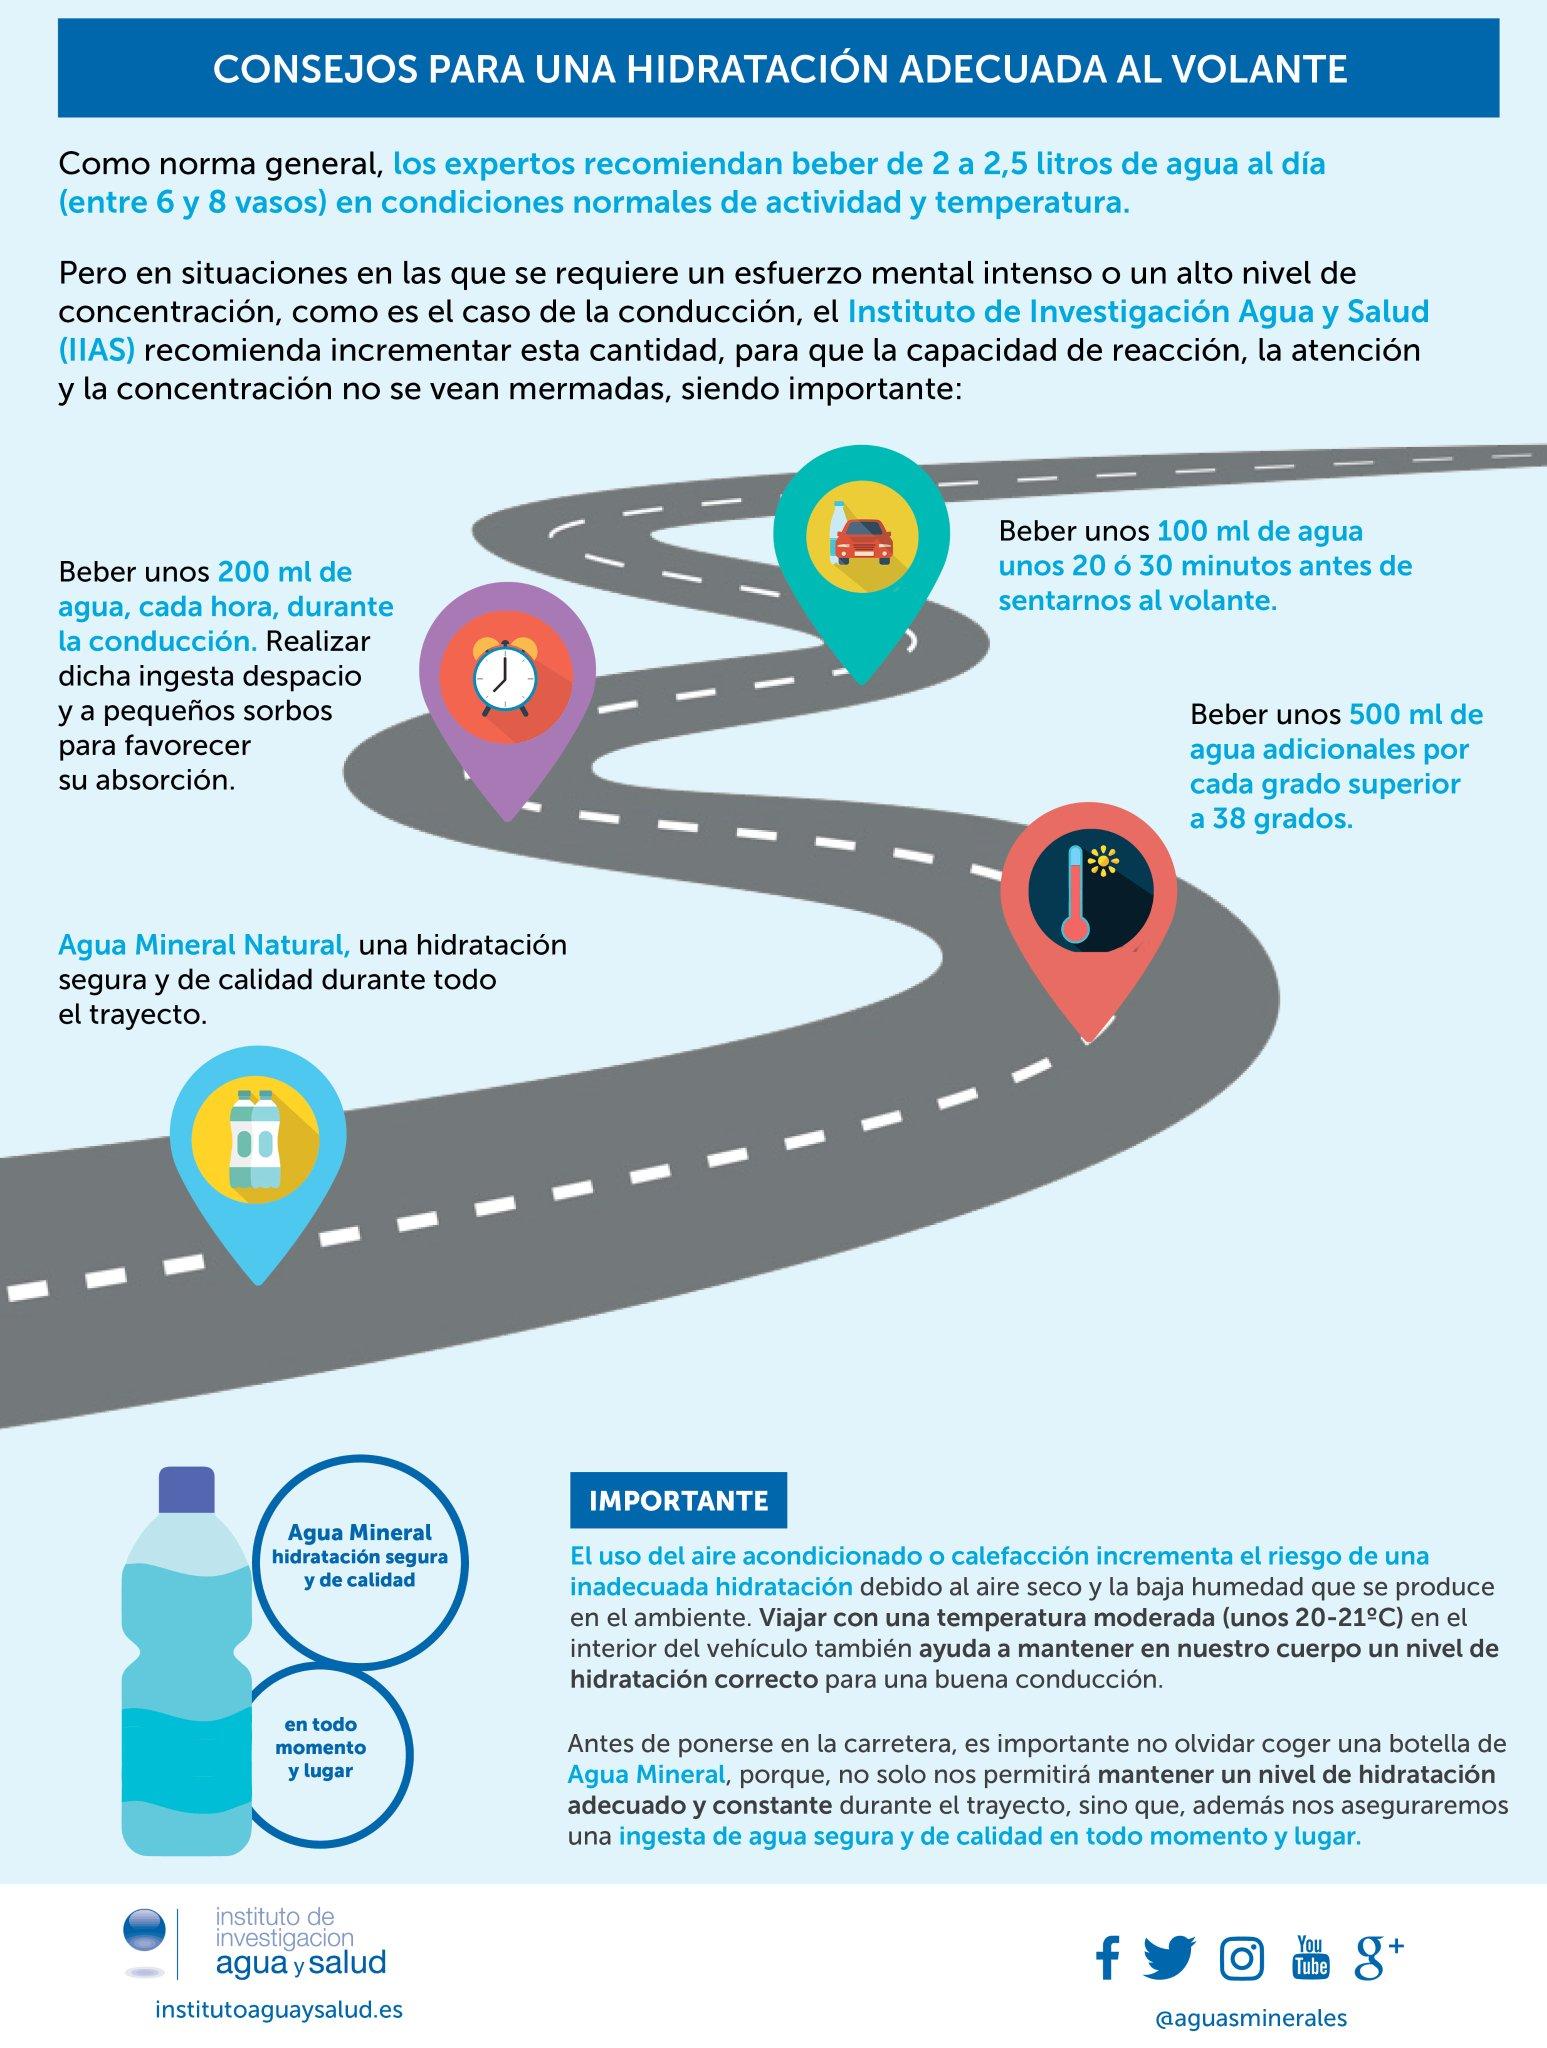 hidratación adecuada al volante